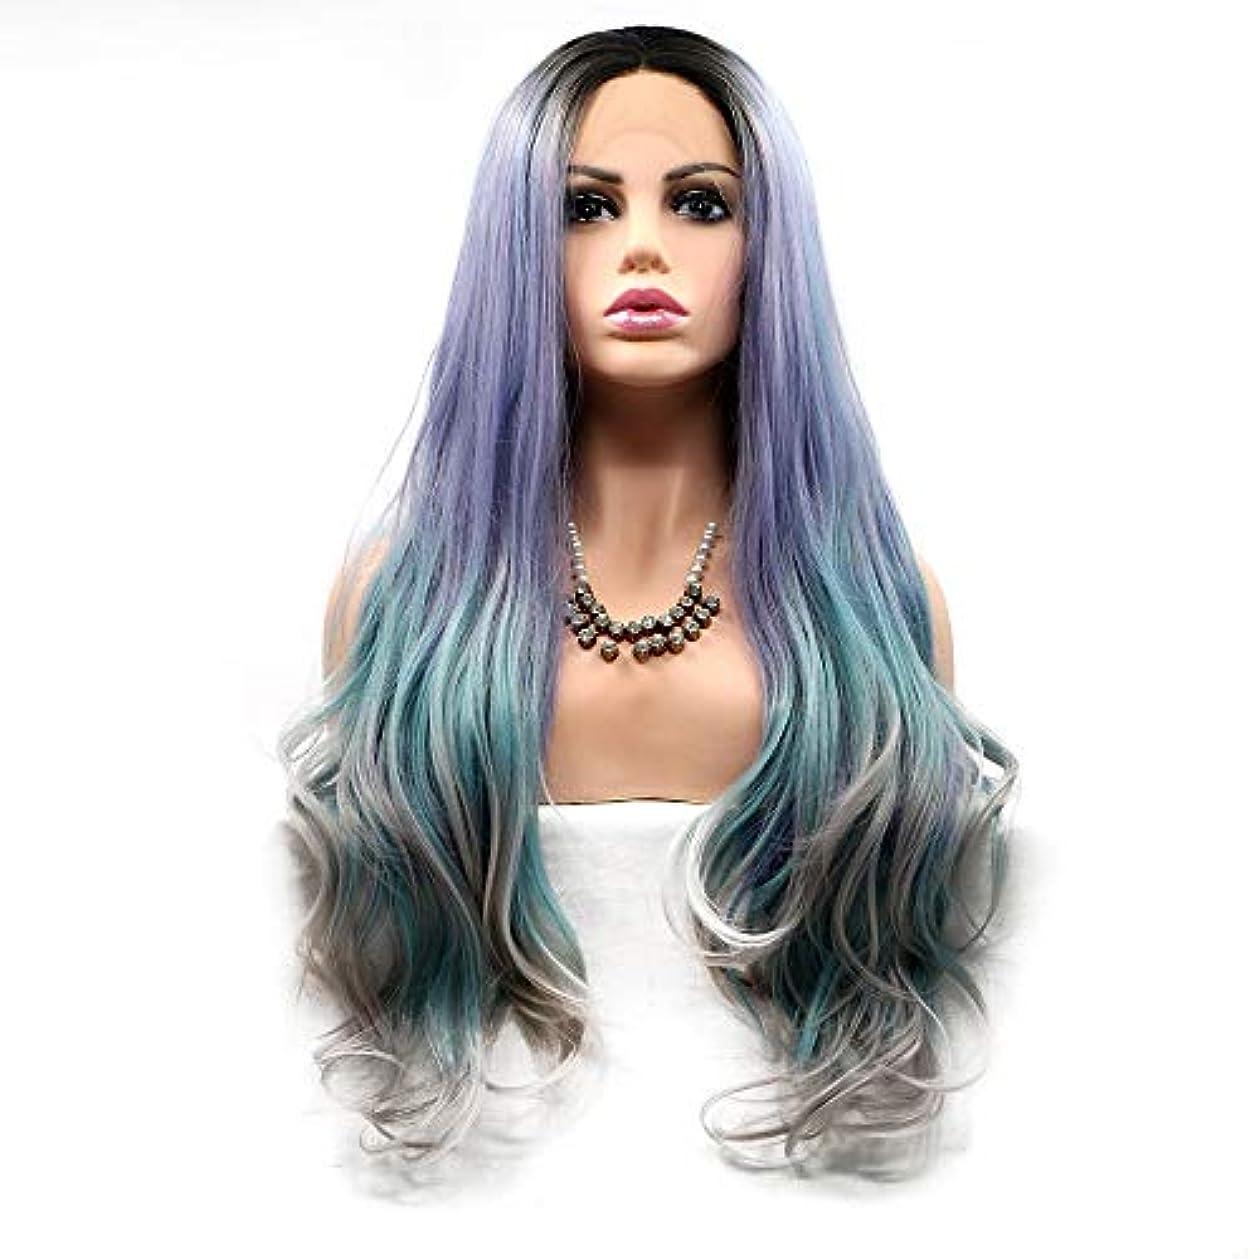 トランクライブラリ昼寝あなたのものヘアピース 化学繊維のかつらの真ん中に設定された女性のためのかつら長い巻き毛ヨーロッパとアメリカのかつらセット-紫-緑-グレー-グラデーション